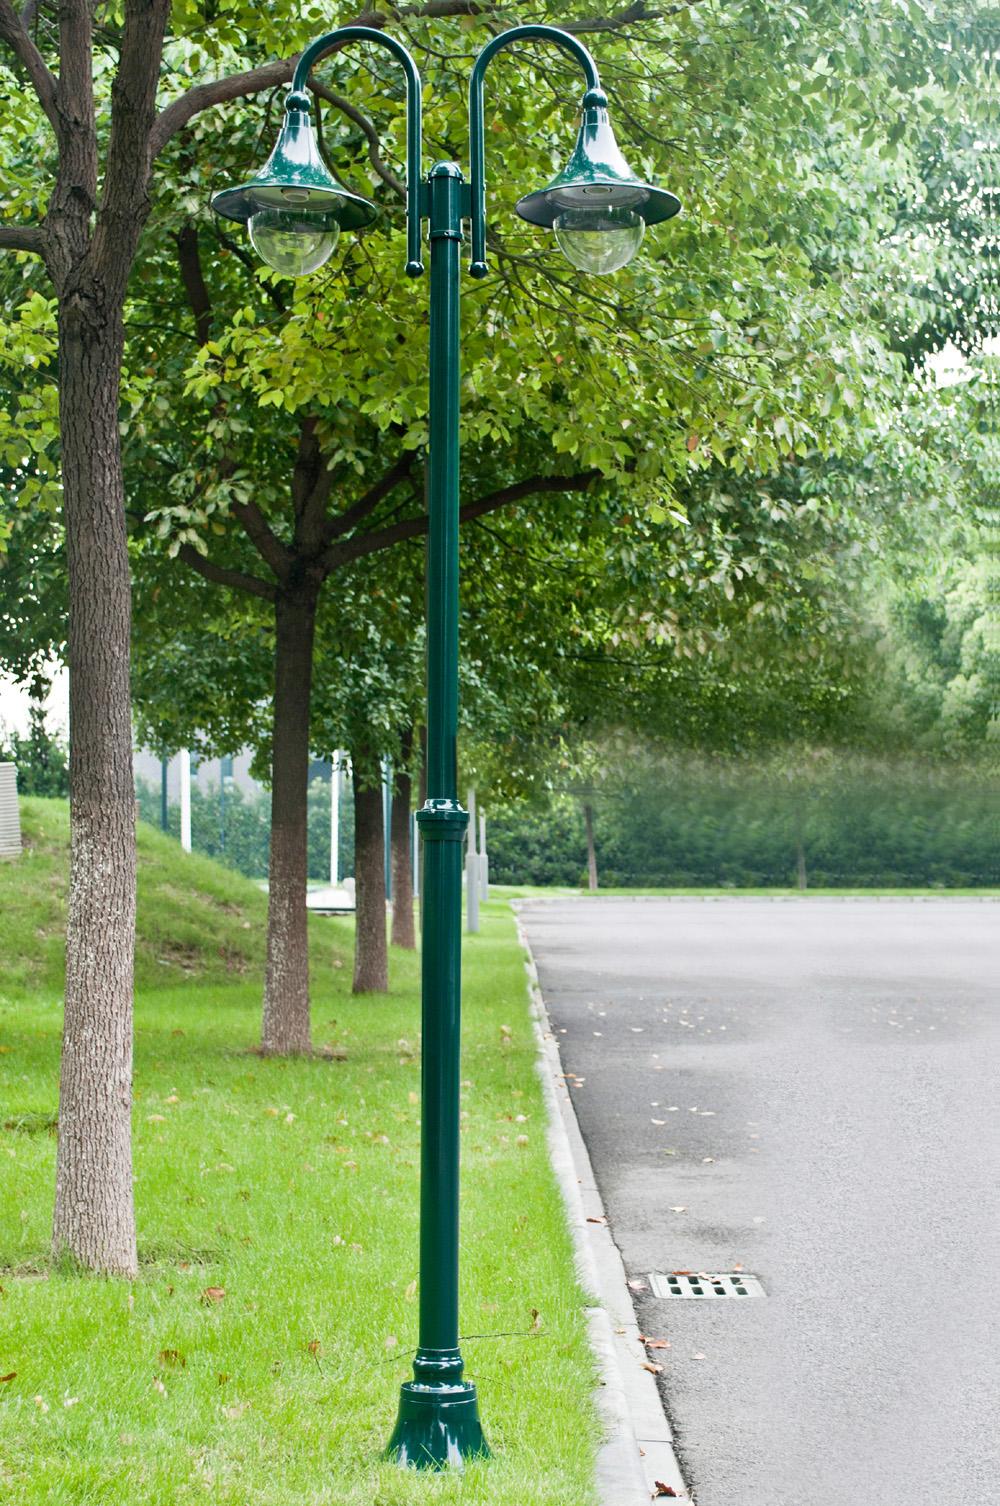 Lampadaire vert lampe jardin ext rieur 2 t tes for Lampe jardin exterieur